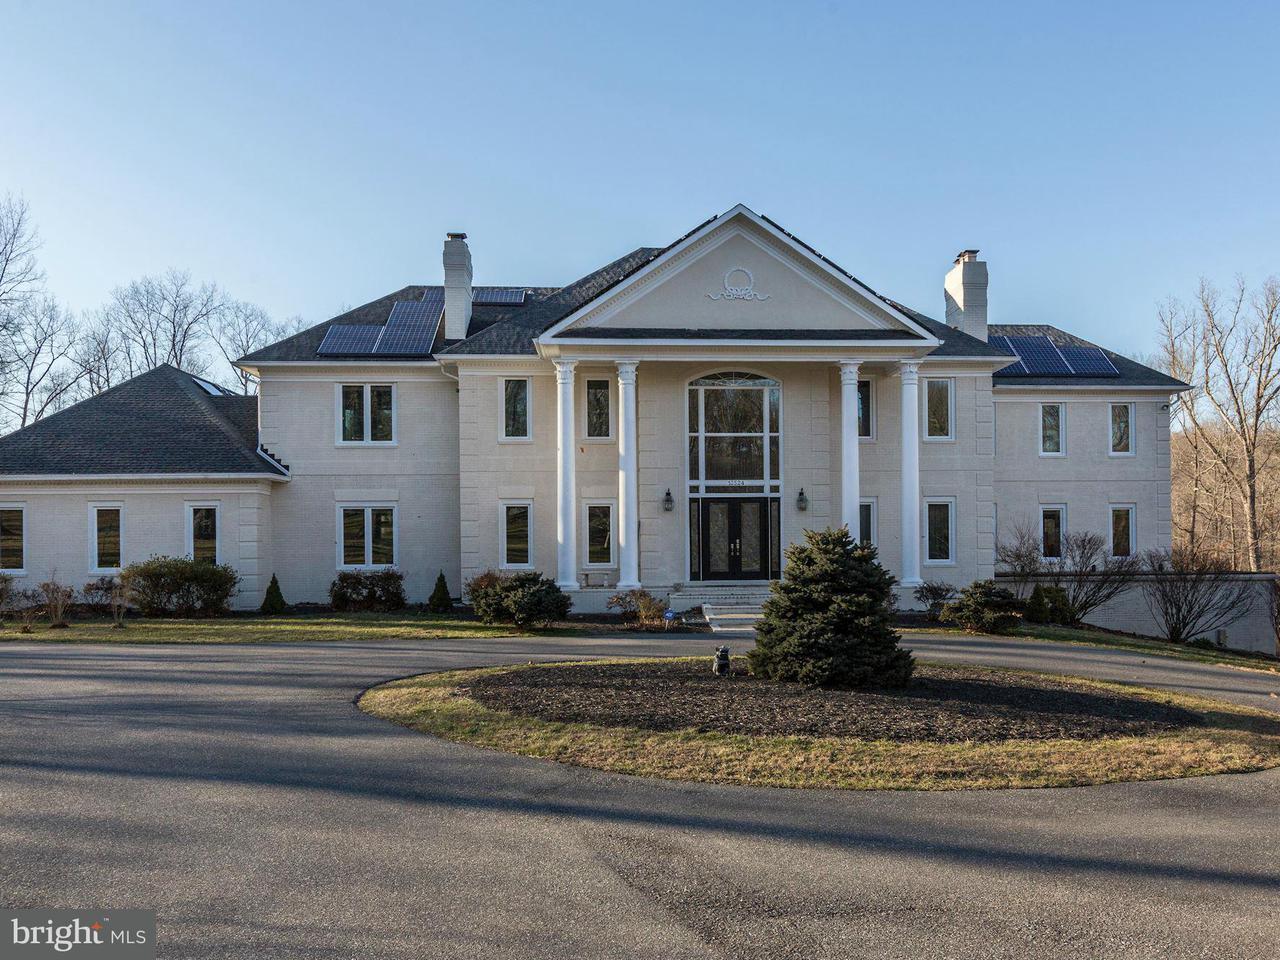 Μονοκατοικία για την Πώληση στο 13524 BONNIE DALE Drive 13524 BONNIE DALE Drive North Potomac, Μεριλαντ 20878 Ηνωμενεσ Πολιτειεσ